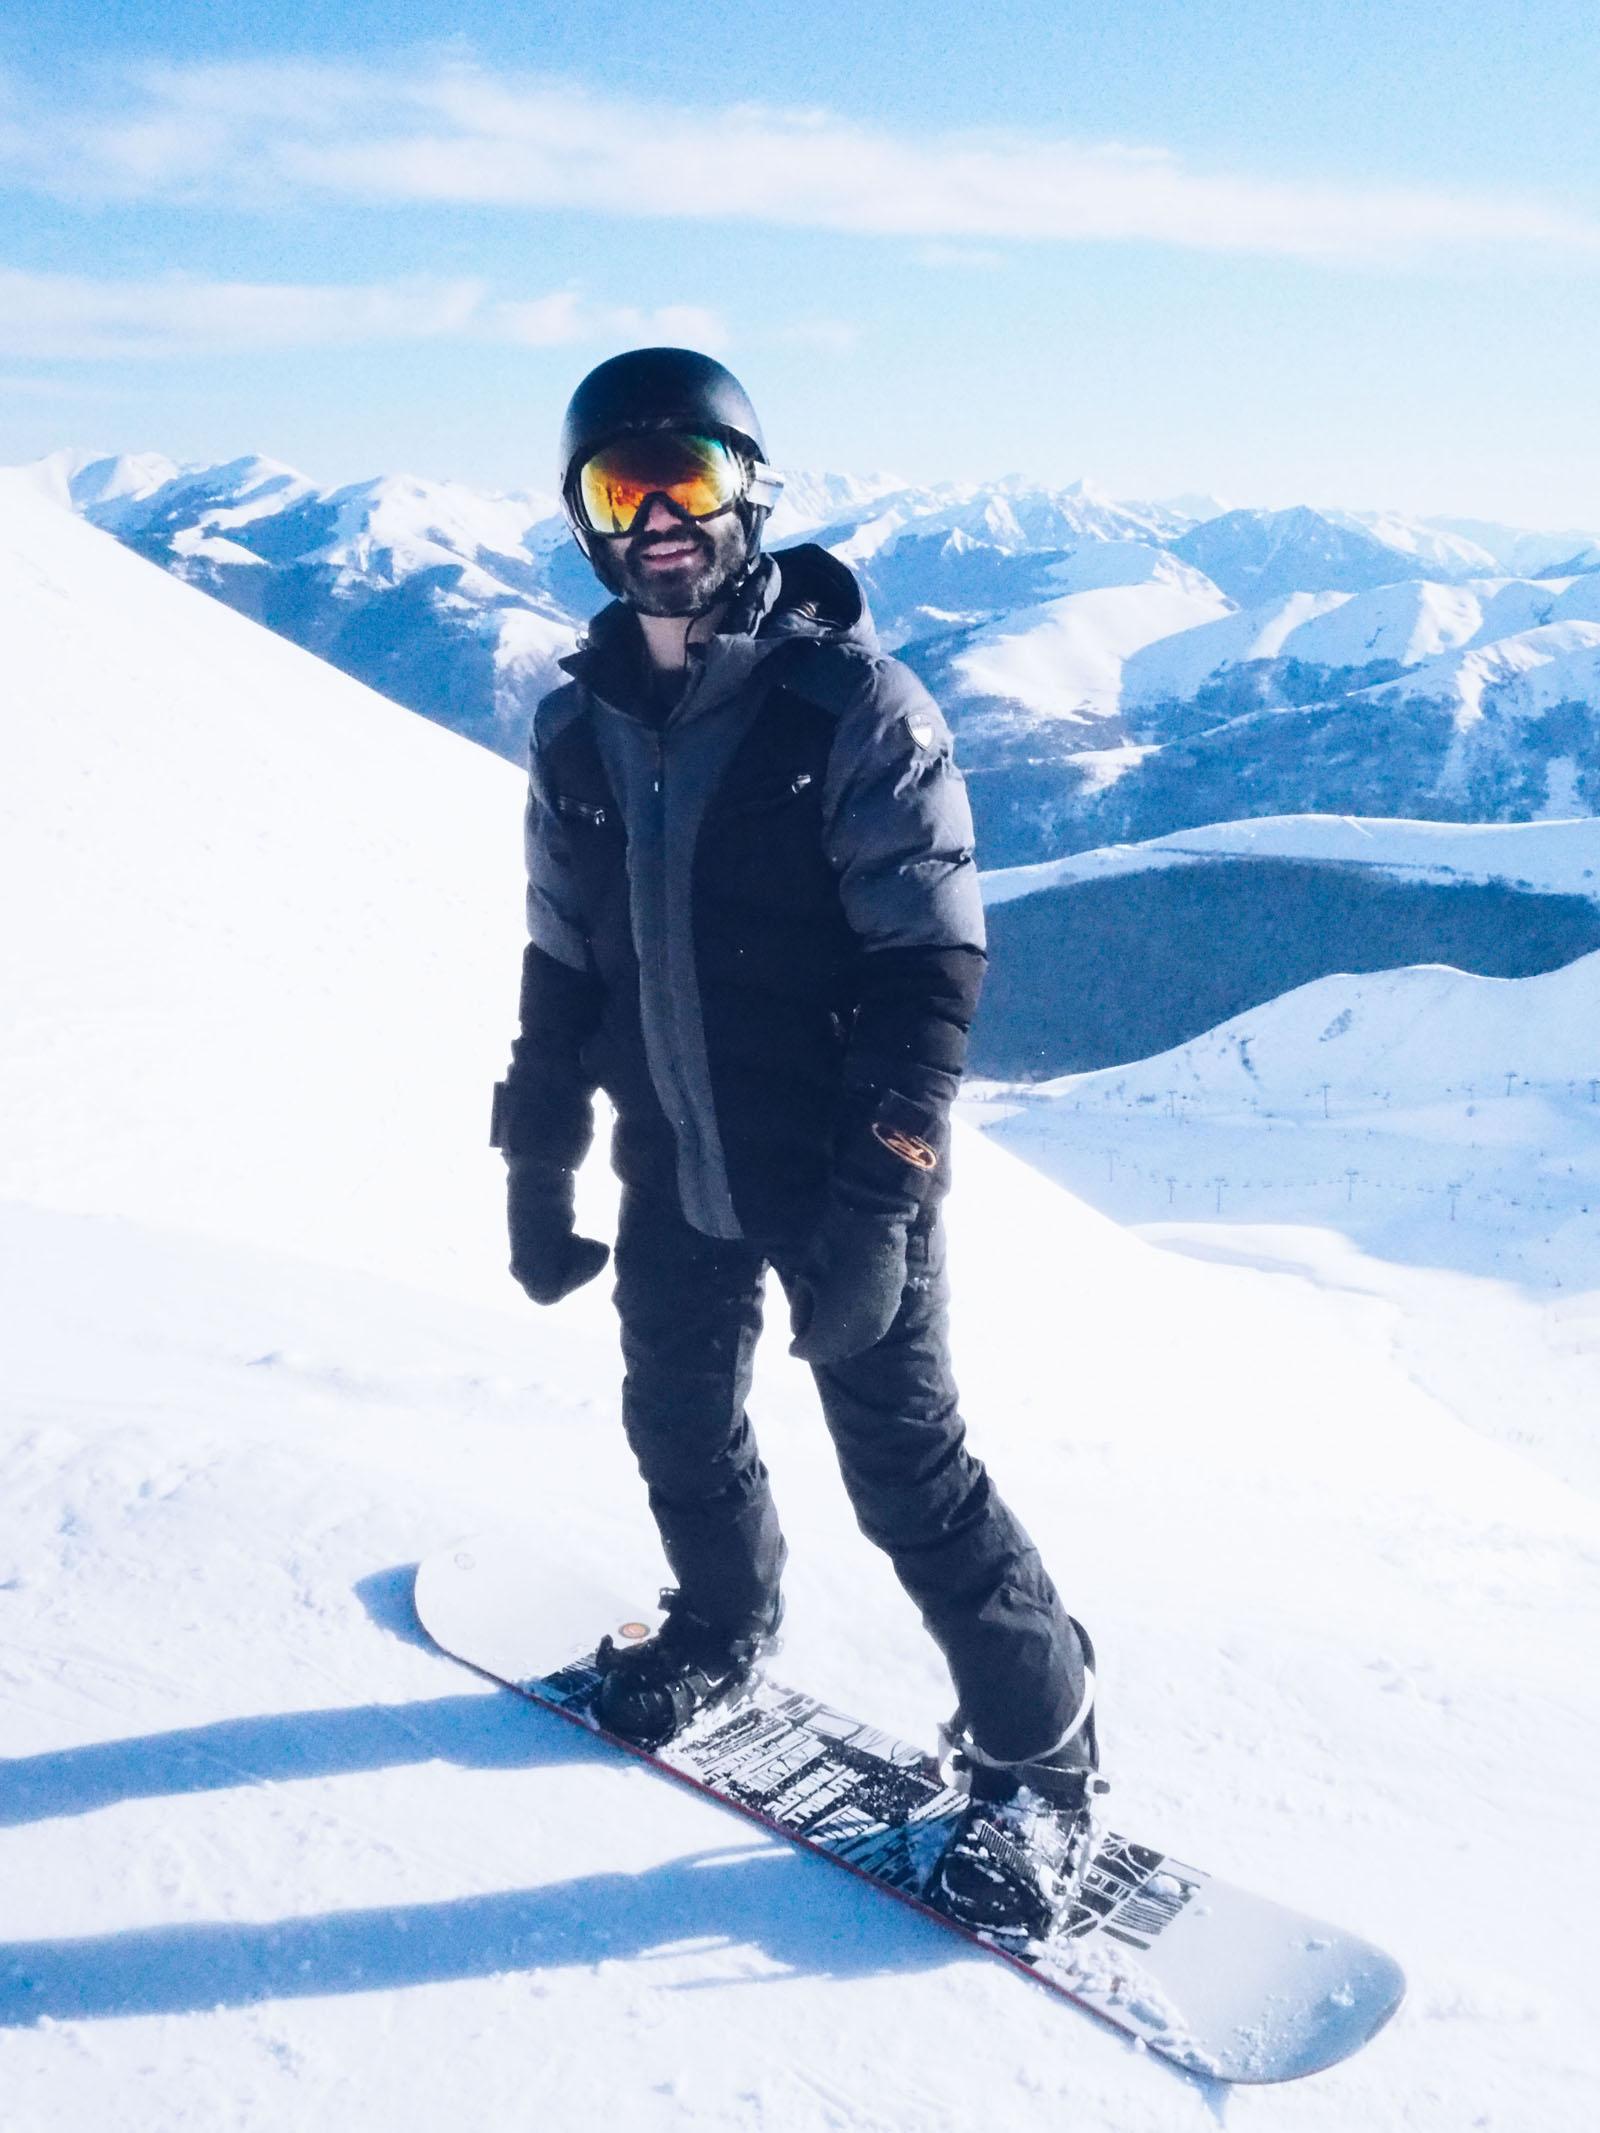 Vacances au ski en famille Hautes Pyrenees bonnes adresses hotel station l La Fiancee du Panda blog mariage et lifestyle-1018074